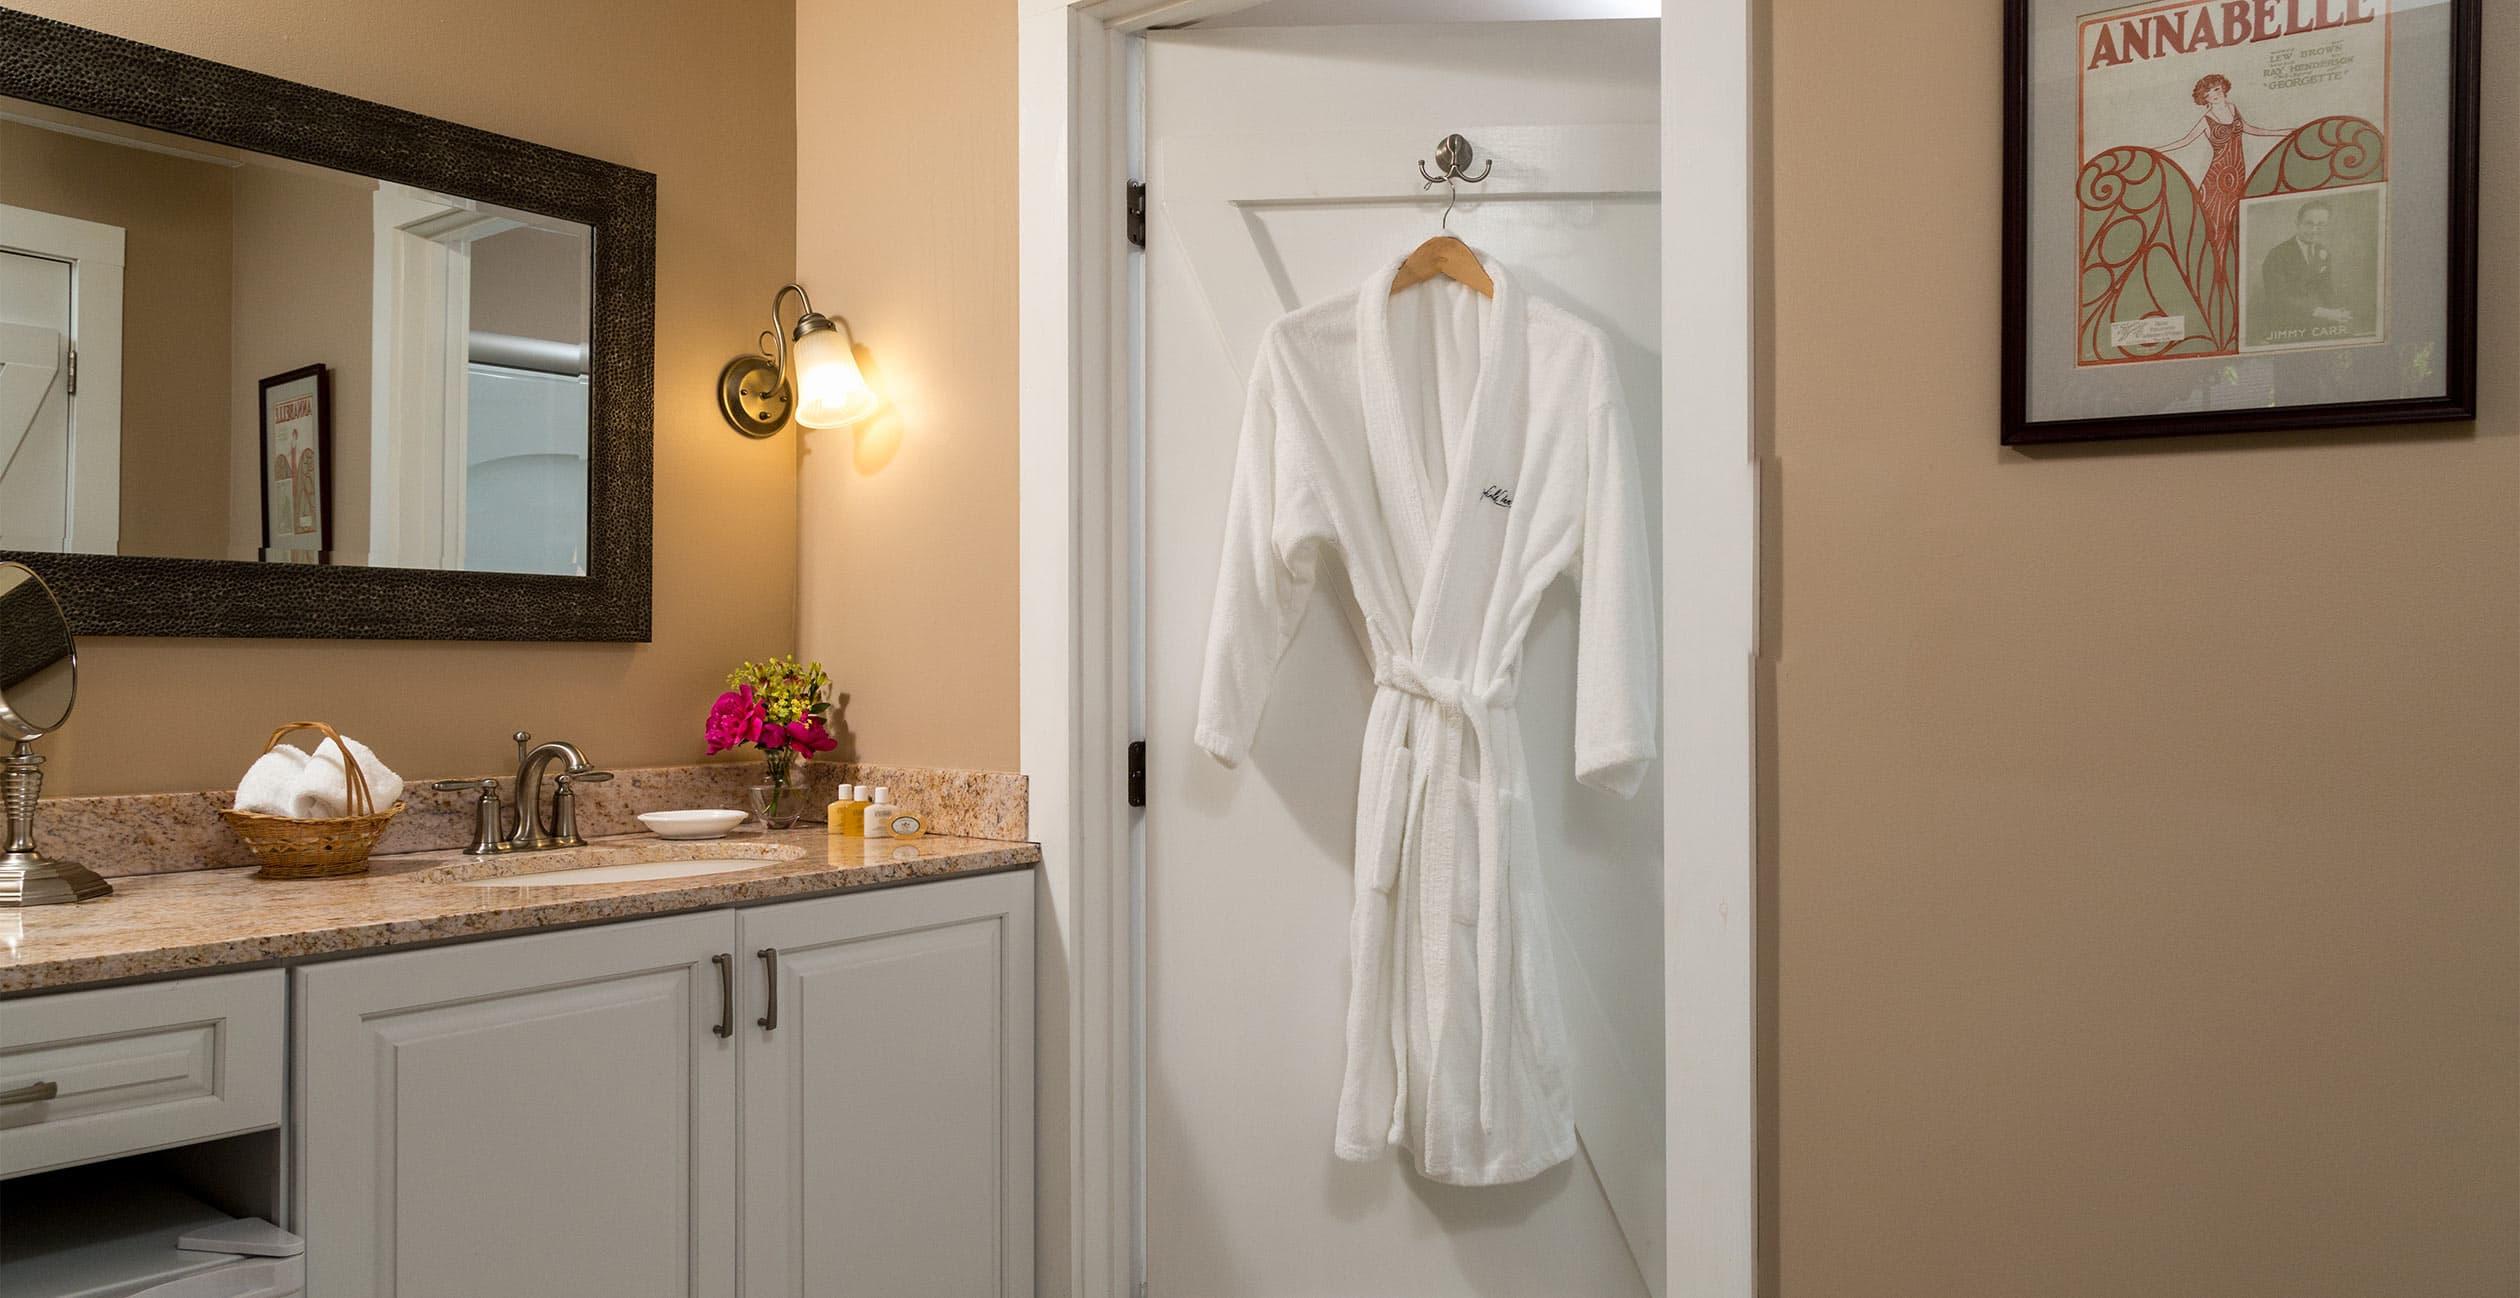 Bathroom vanity in Room 12